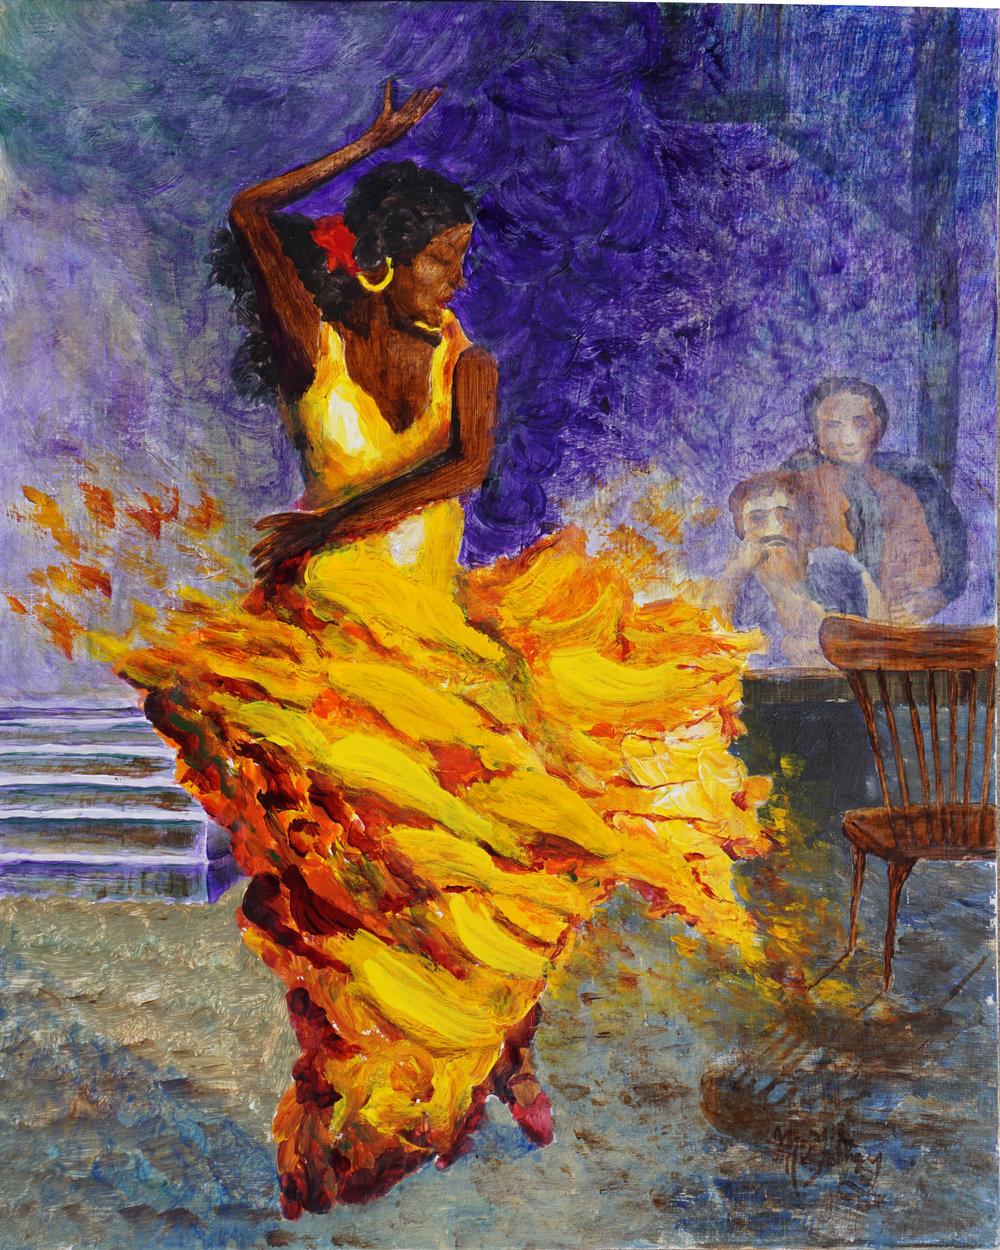 Darrell McGahhey -- Flamingo Dancer